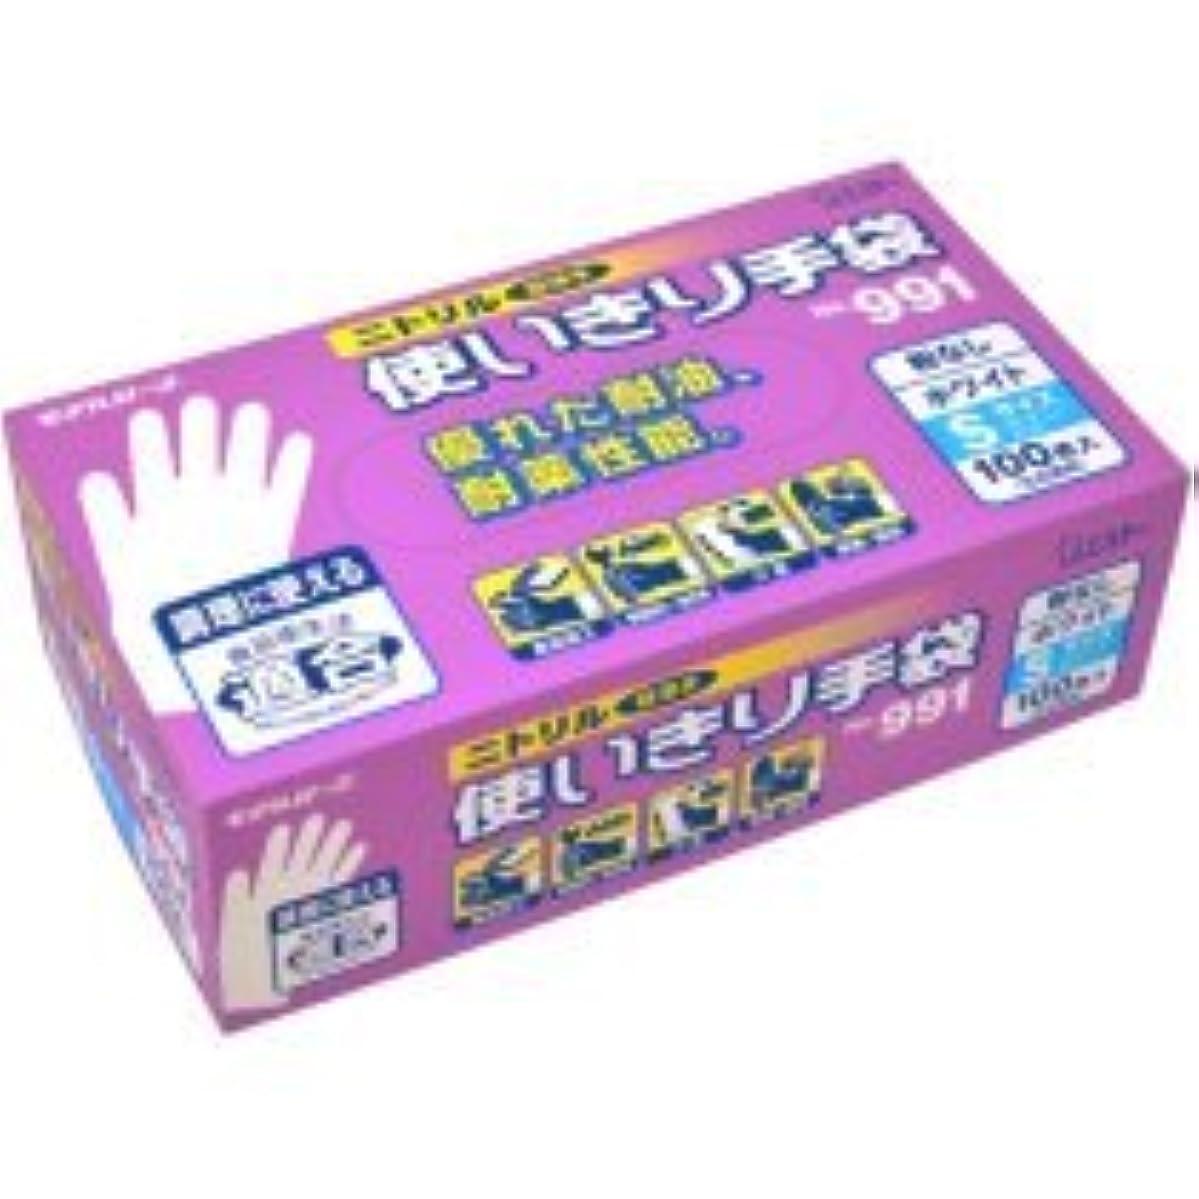 狂人ブリッジ偉業エステー No.991 ニトリル使いきり手袋(粉なし) S ホワイト 1セット(300枚:100枚×3箱)